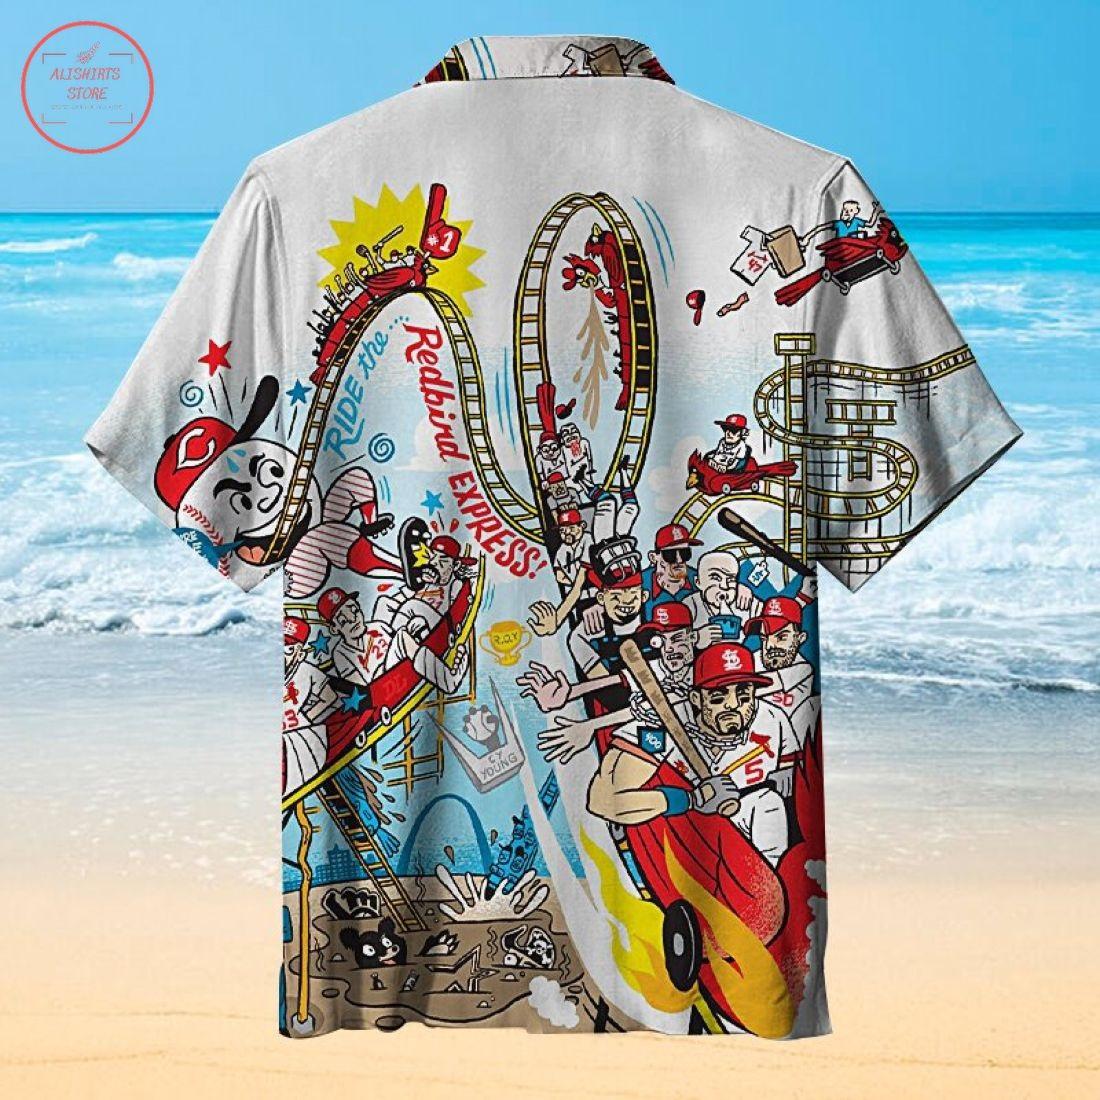 The amazing St. Louis Cardinals Hawaiian Shirt